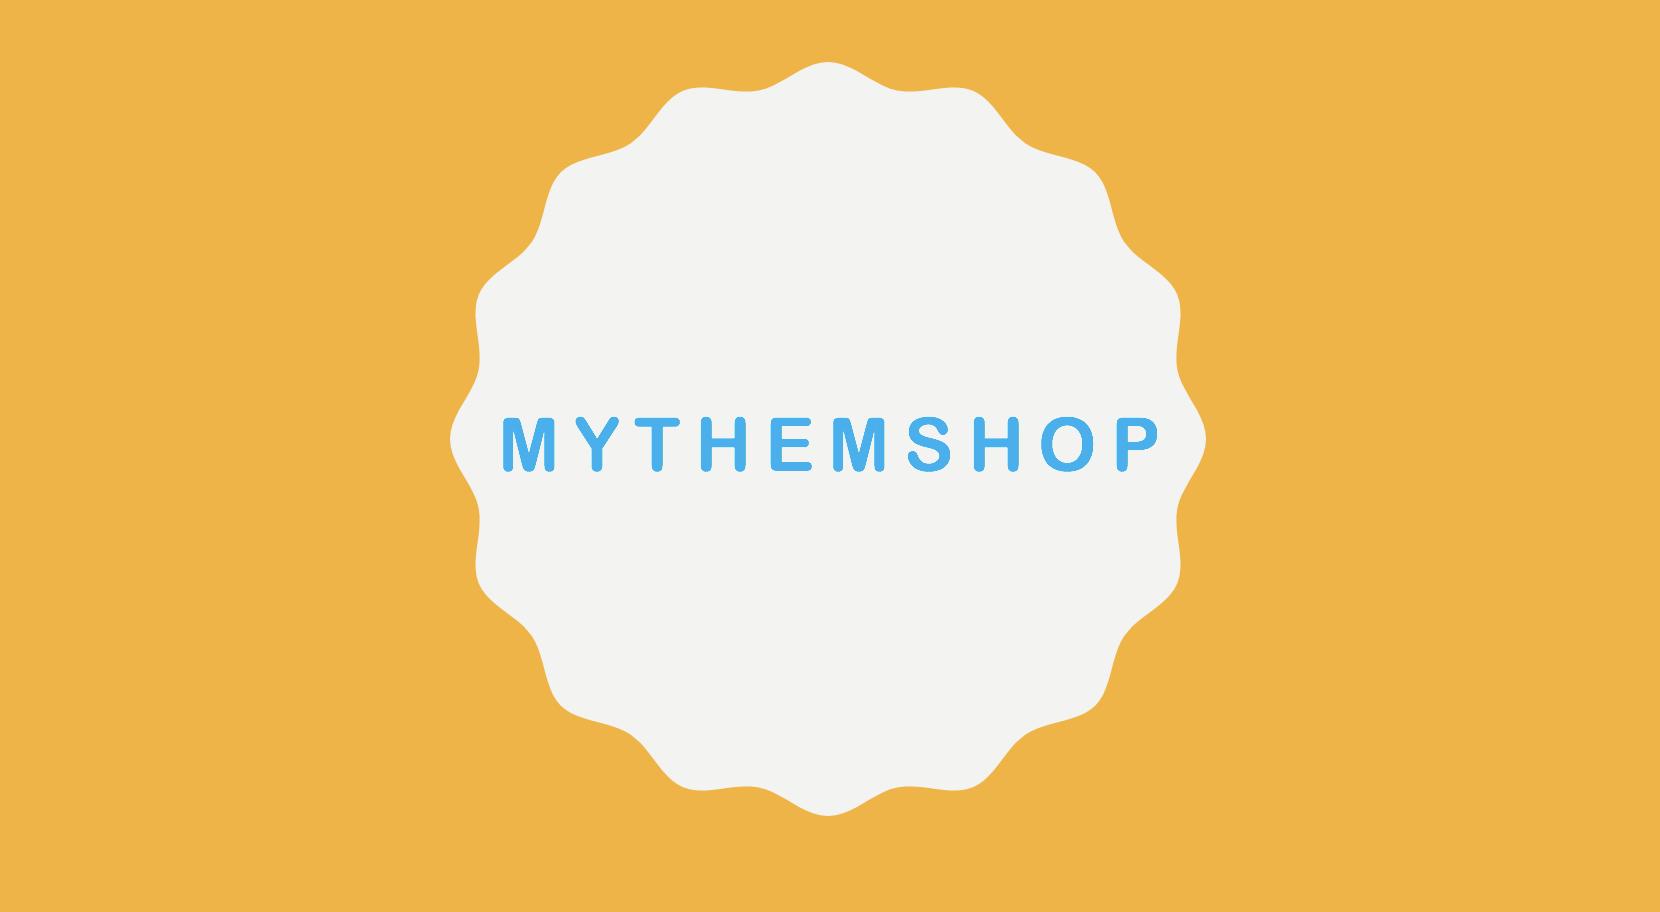 Hướng dẫn mua theme của Mythemeshop - theme nên dùng cho người mới